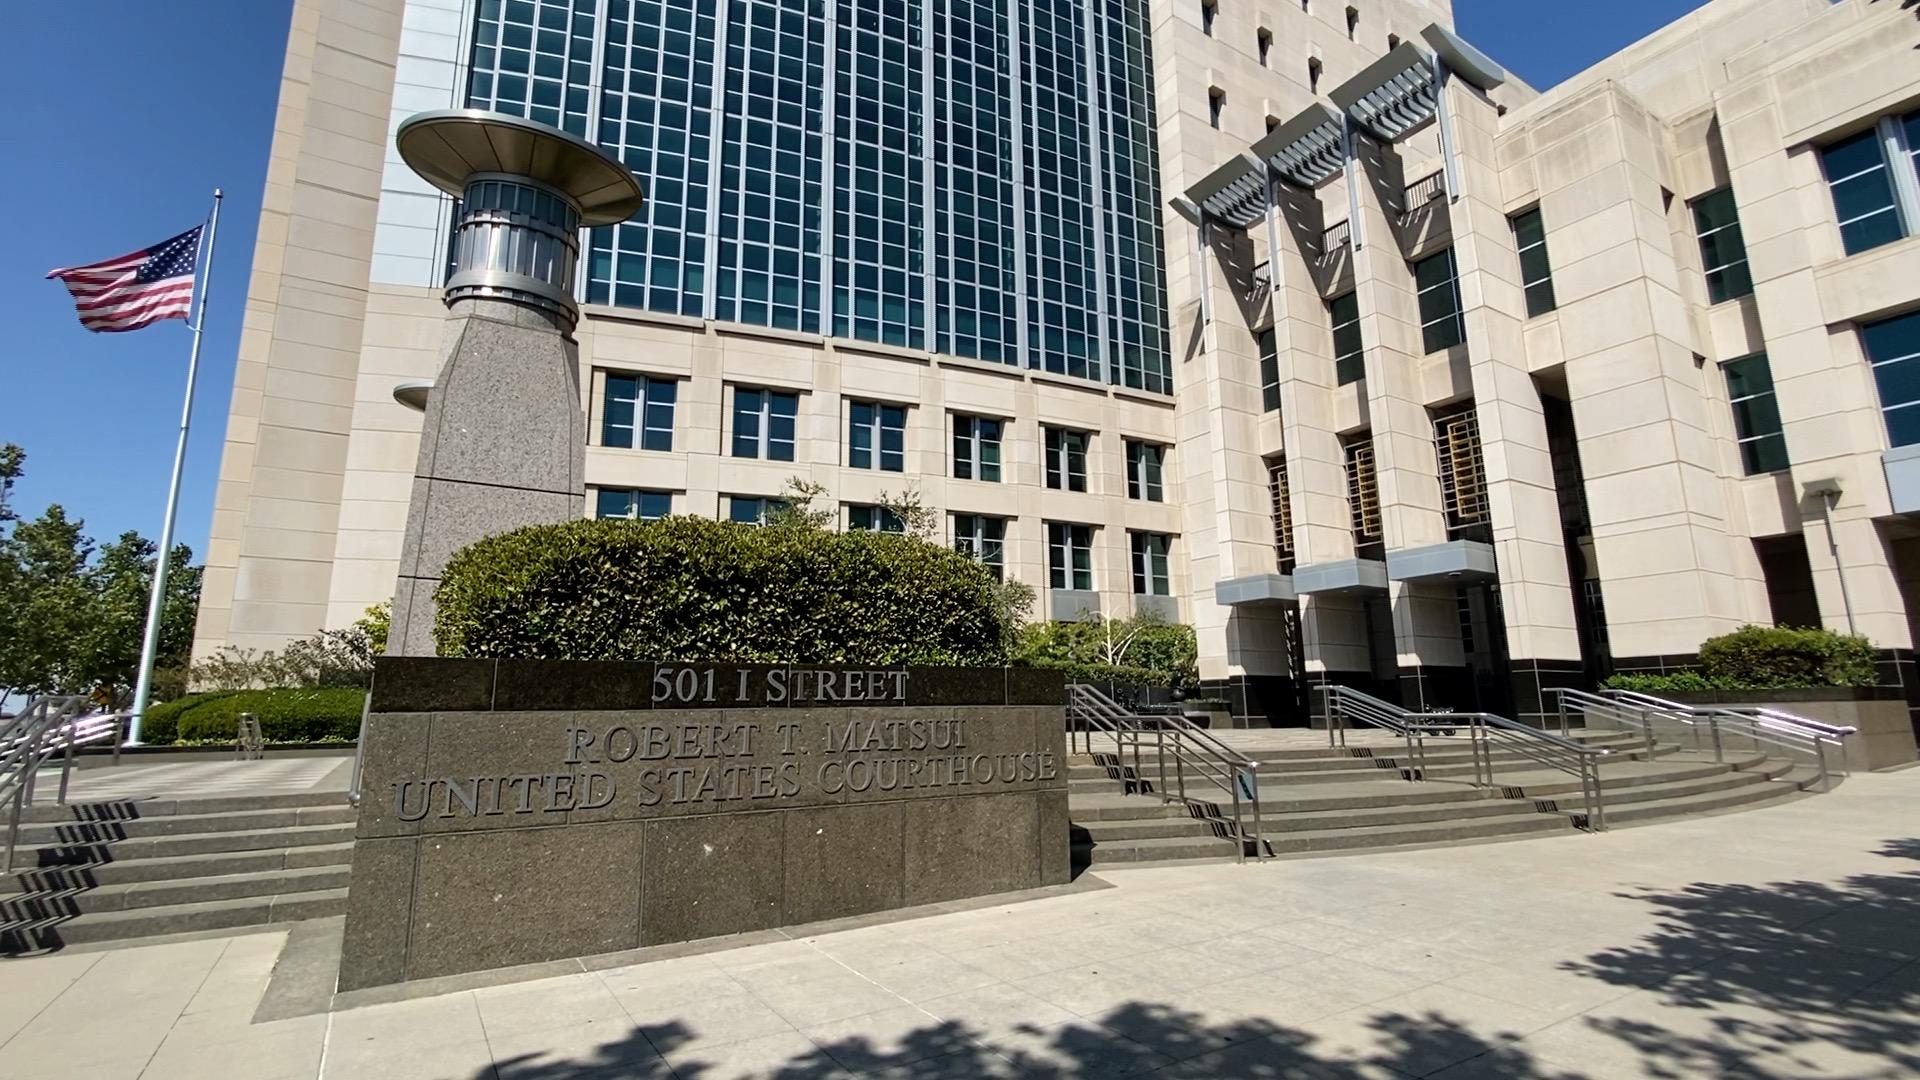 2020年7月24日,躲藏在中共駐三藩市總領館的女軍人唐娟被逮捕,7月27日出庭聆訊後,被法官下令繼續關押。圖為加州沙加緬度聯邦地方法院。(大紀元)